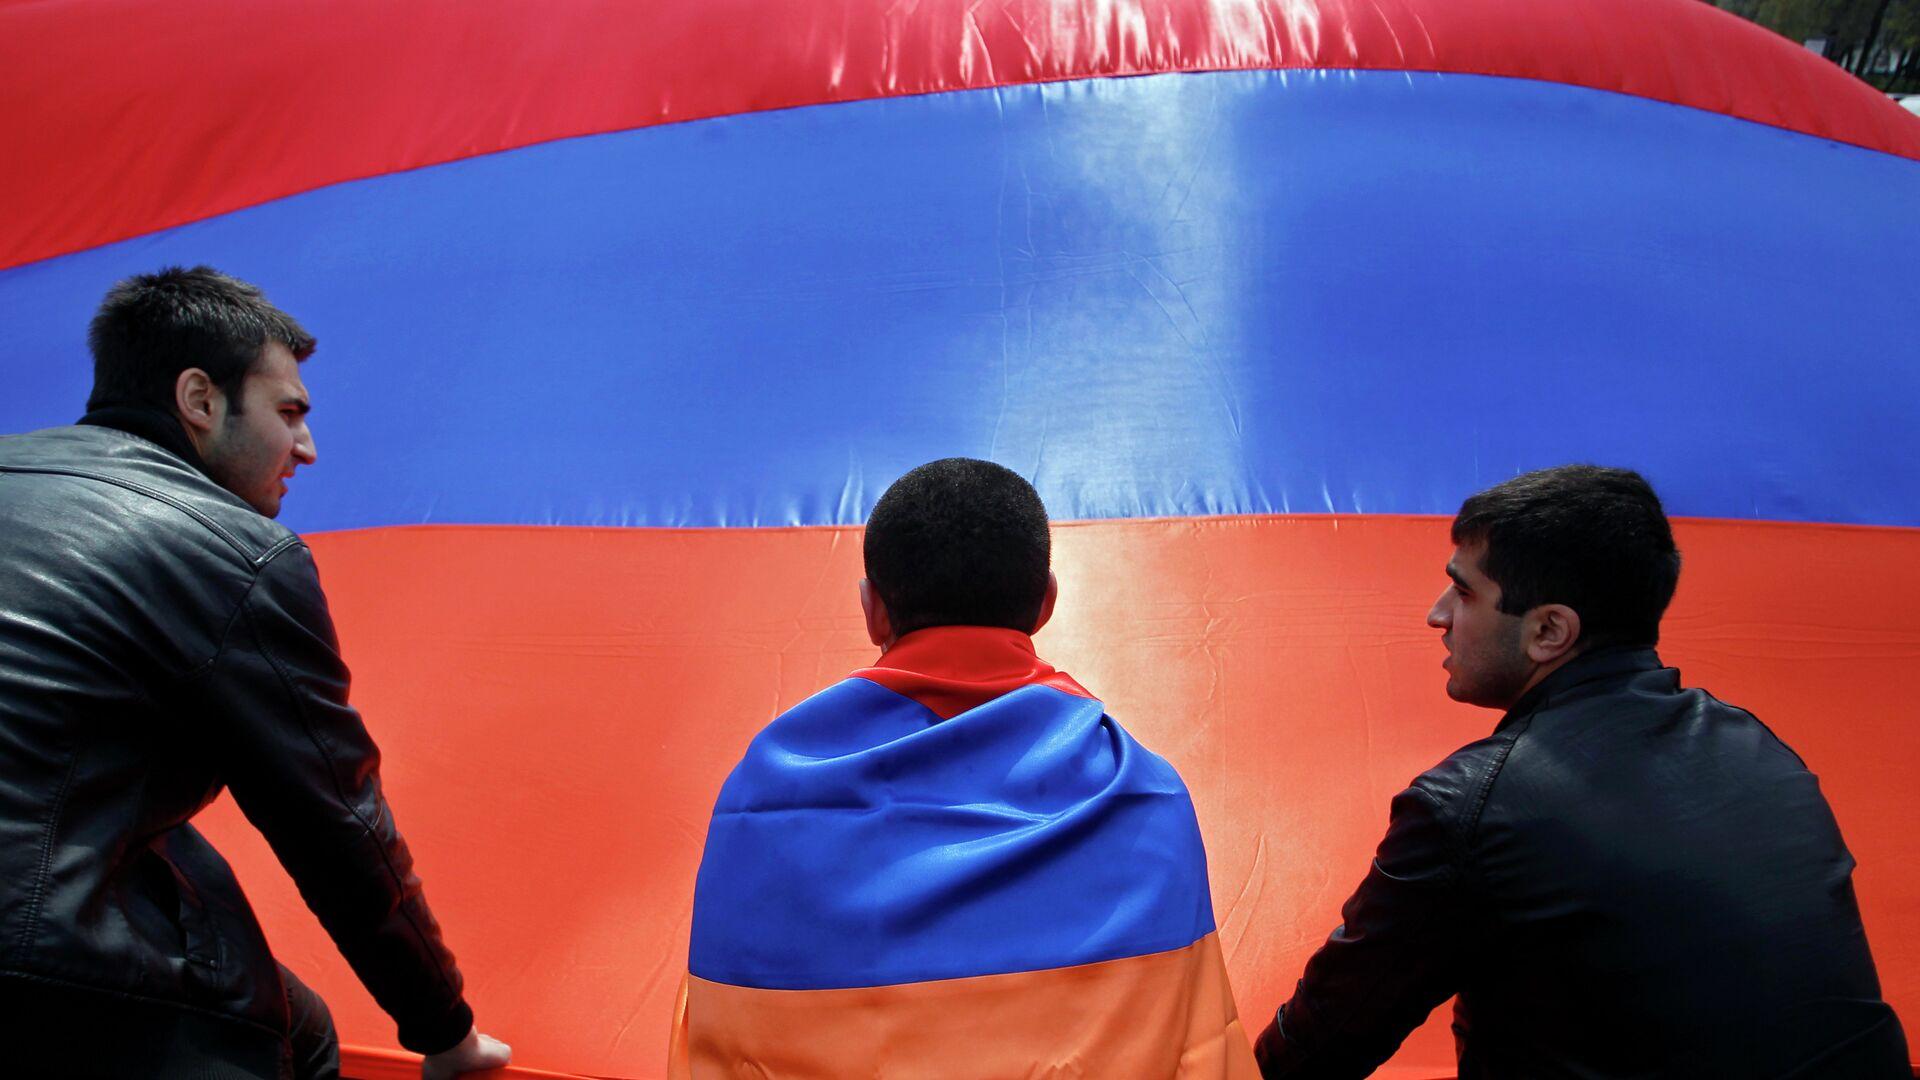 Люди на фоне флага Армении. Архивное фото - РИА Новости, 1920, 27.09.2020